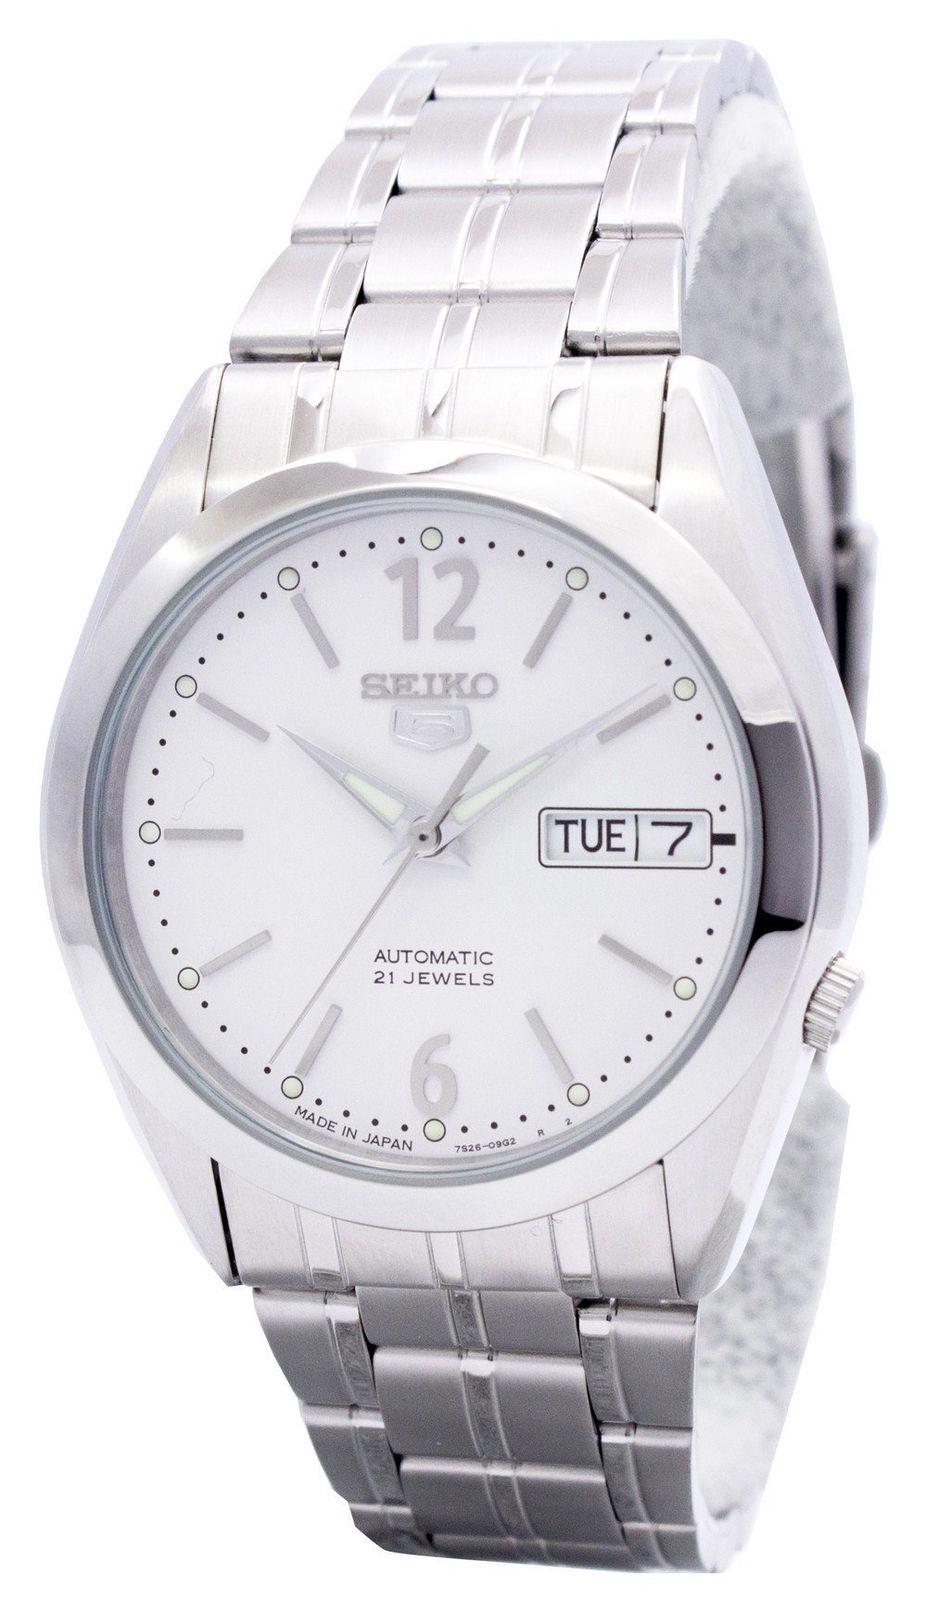 นาฬิกาผู้ชาย Seiko รุ่น SNKE93J1, Seiko 5 Automatic Men's Watch